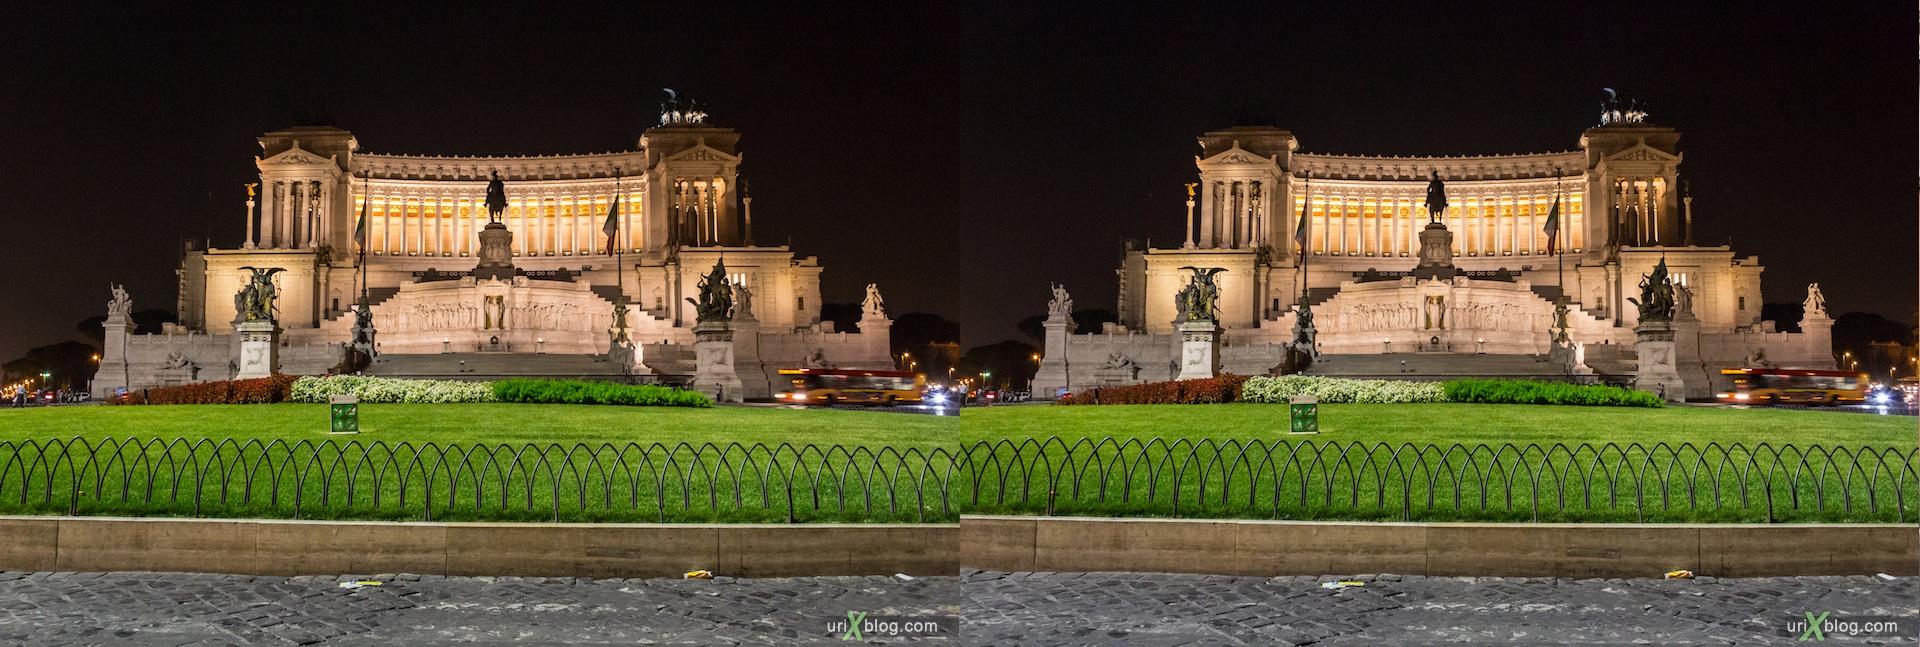 2012, Витториано, газон, трава, площадь Венеции, Рим, Италия, осень, 3D, перекрёстные стереопары, стерео, стереопара, стереопары